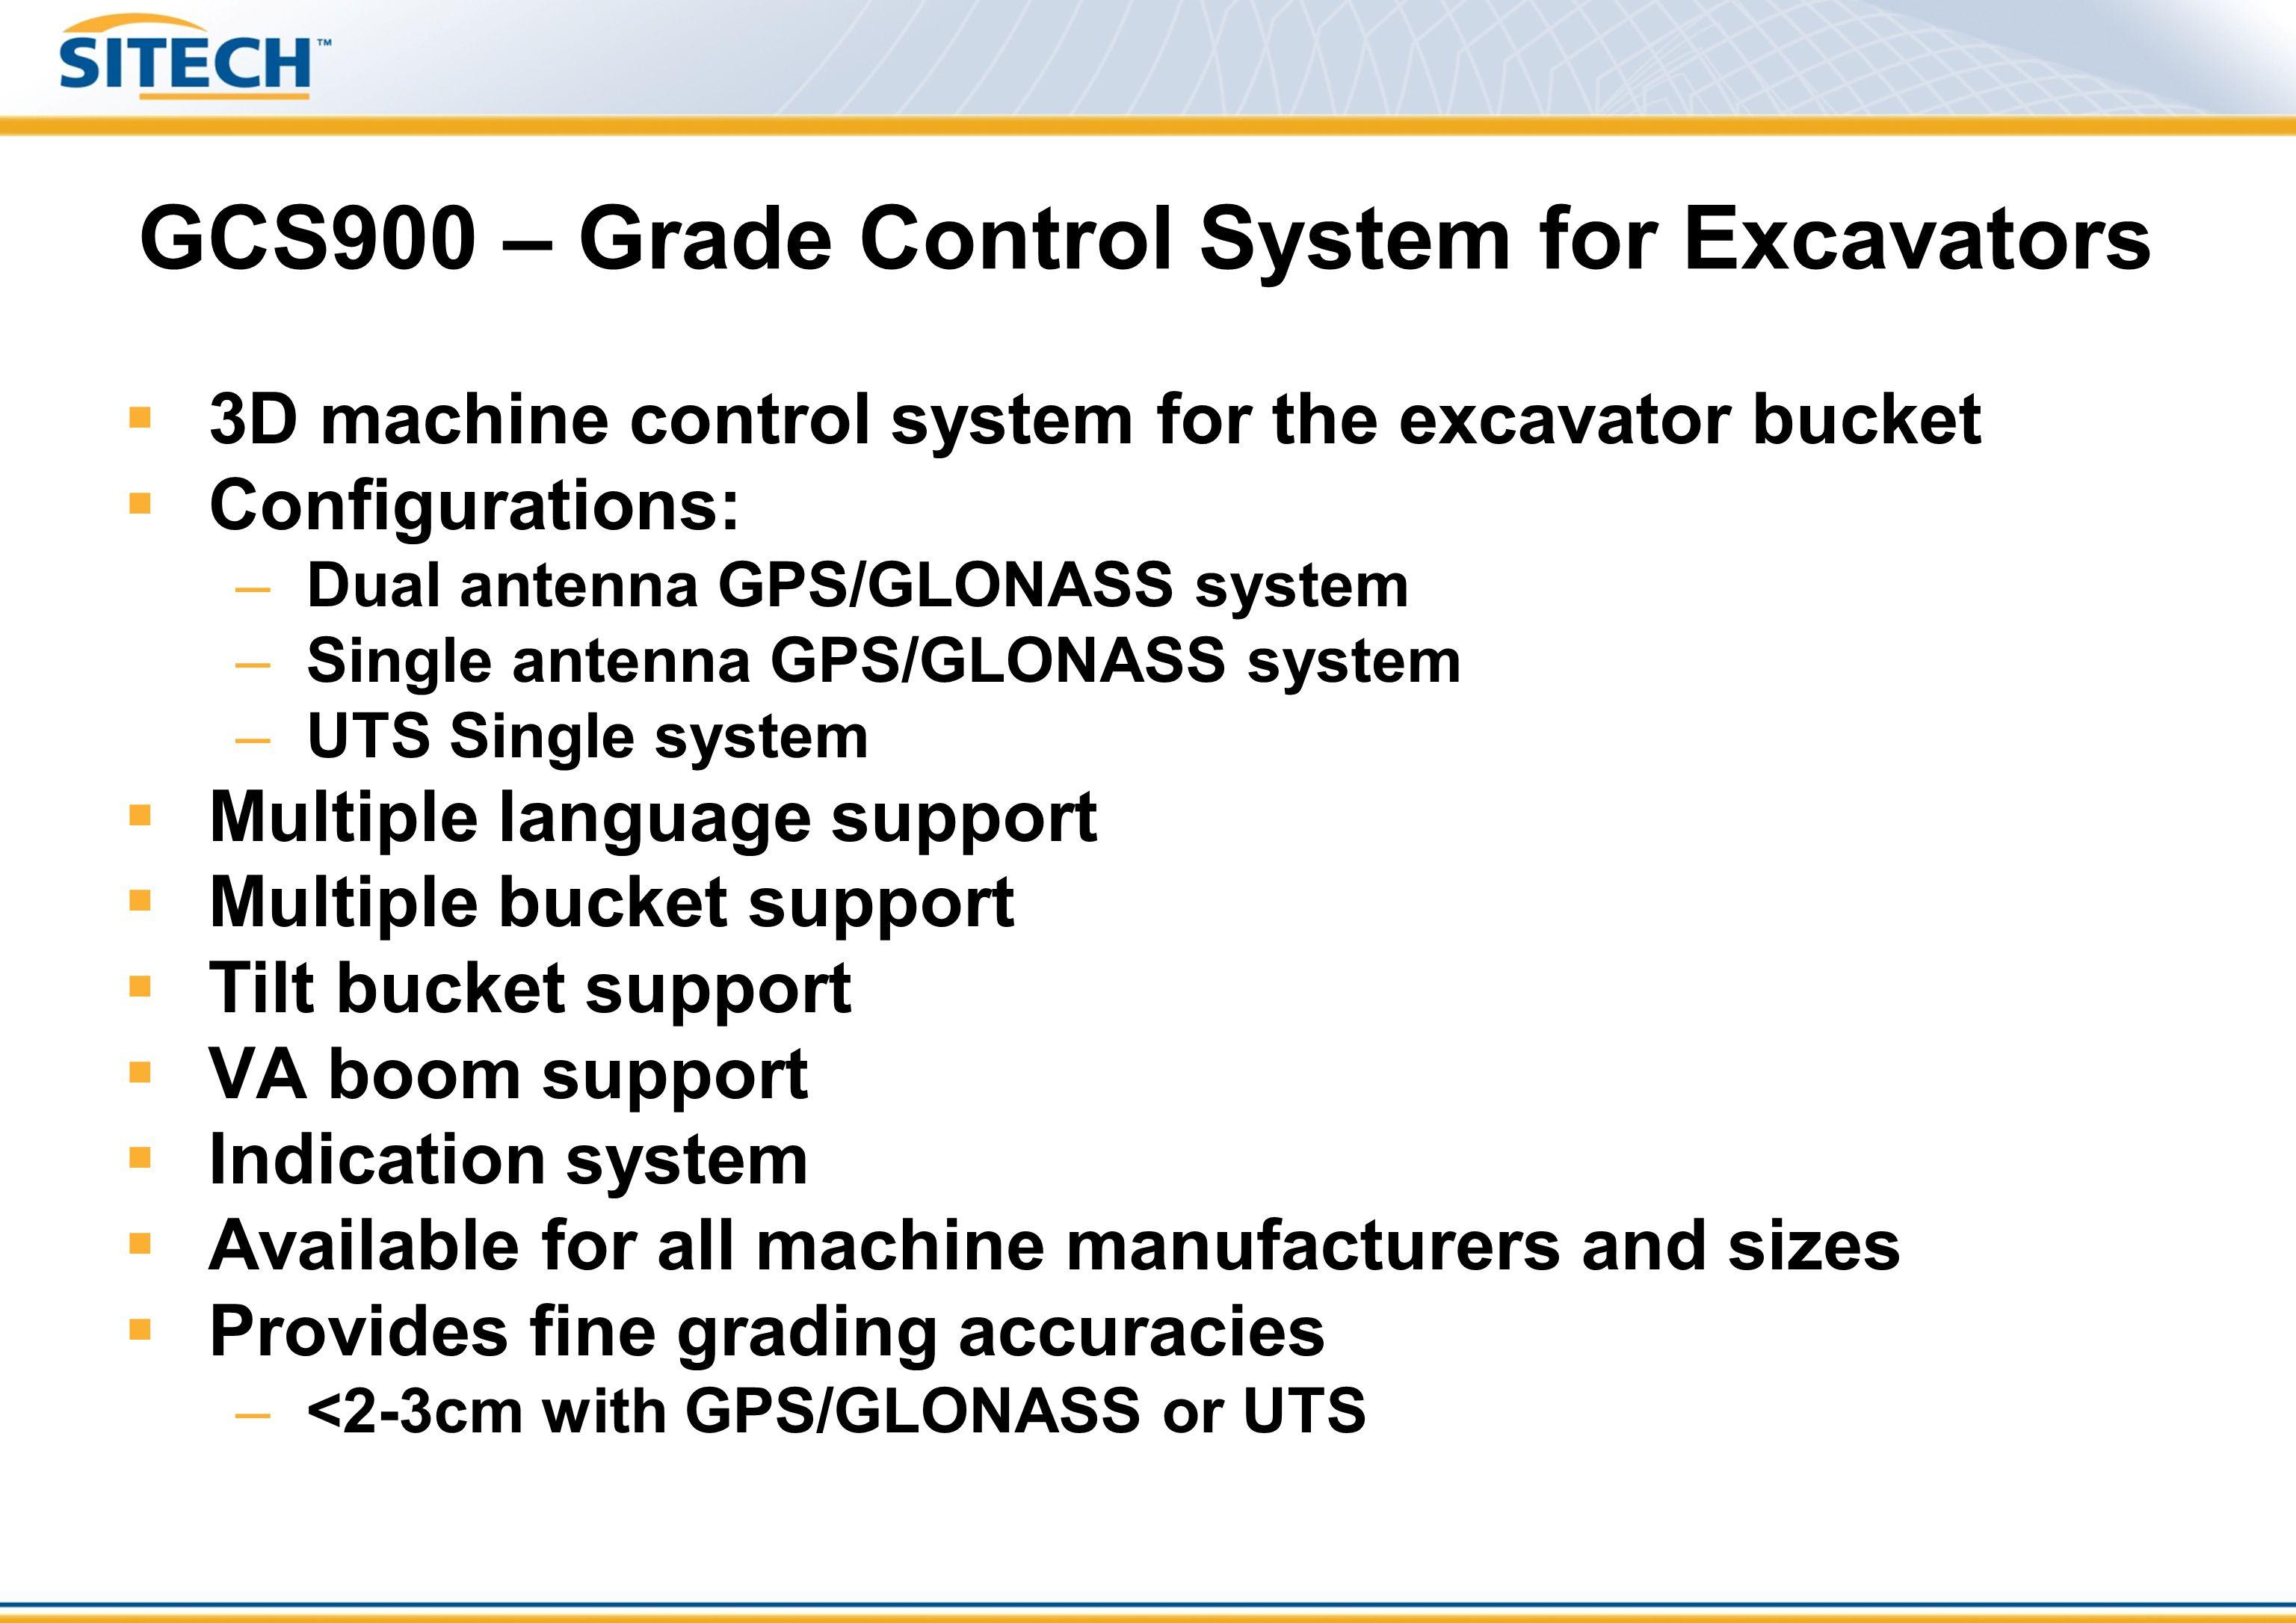 GCS900 – Grade Control System for Excavators